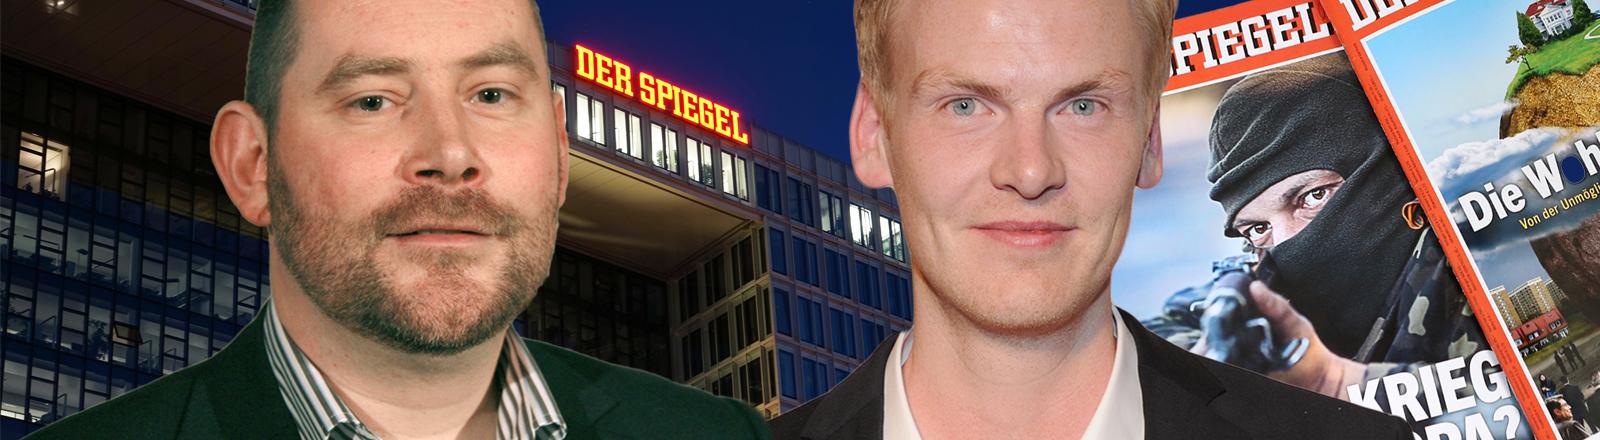 Stefan Niggemeier und Claas Relotius montiert vor dem Spiegel-Verlag.